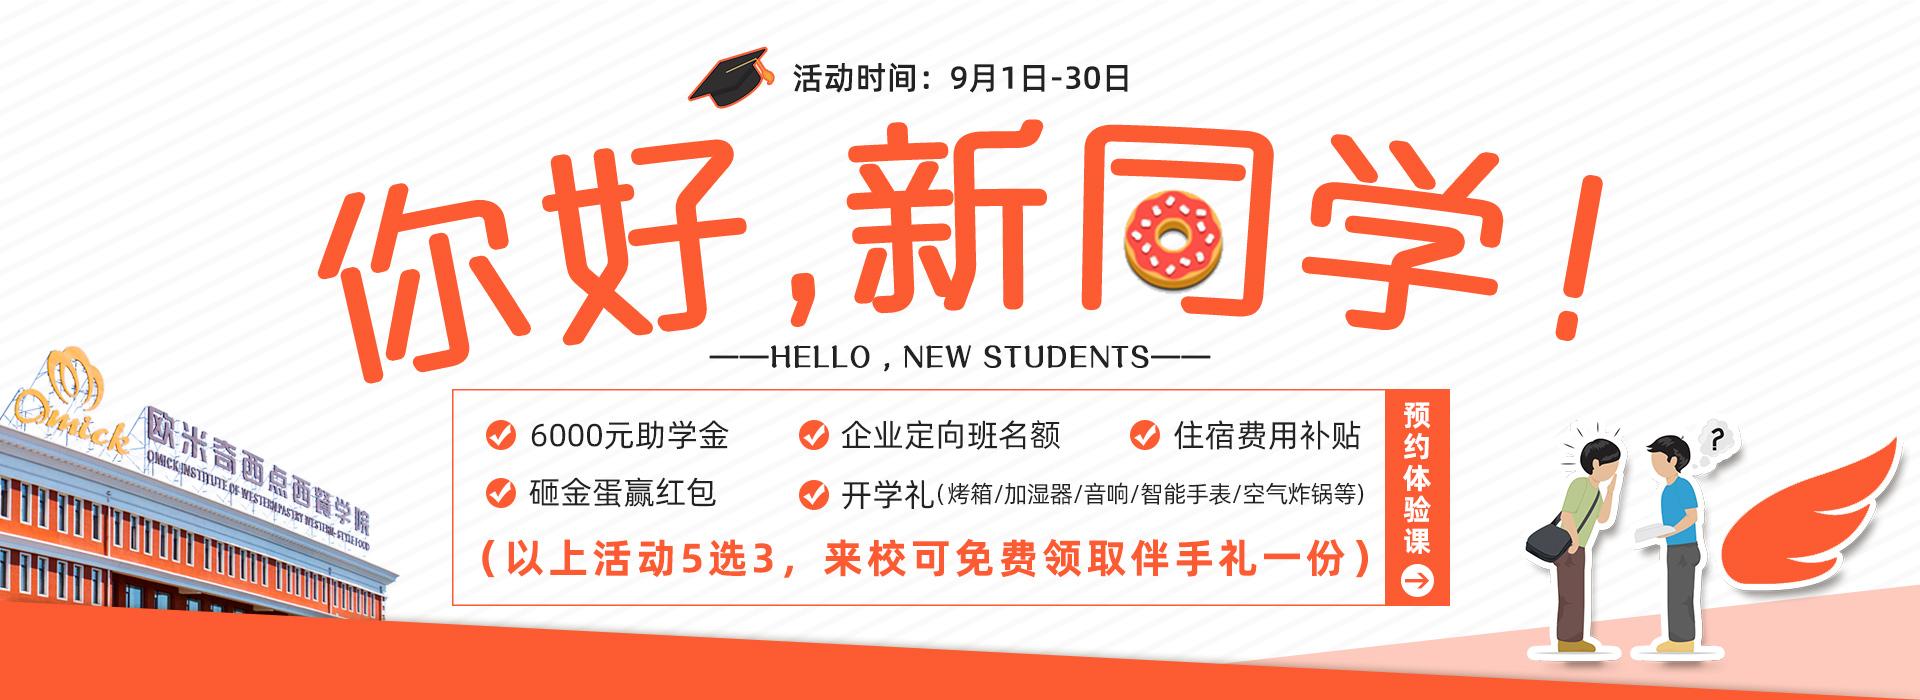 欢迎新同学